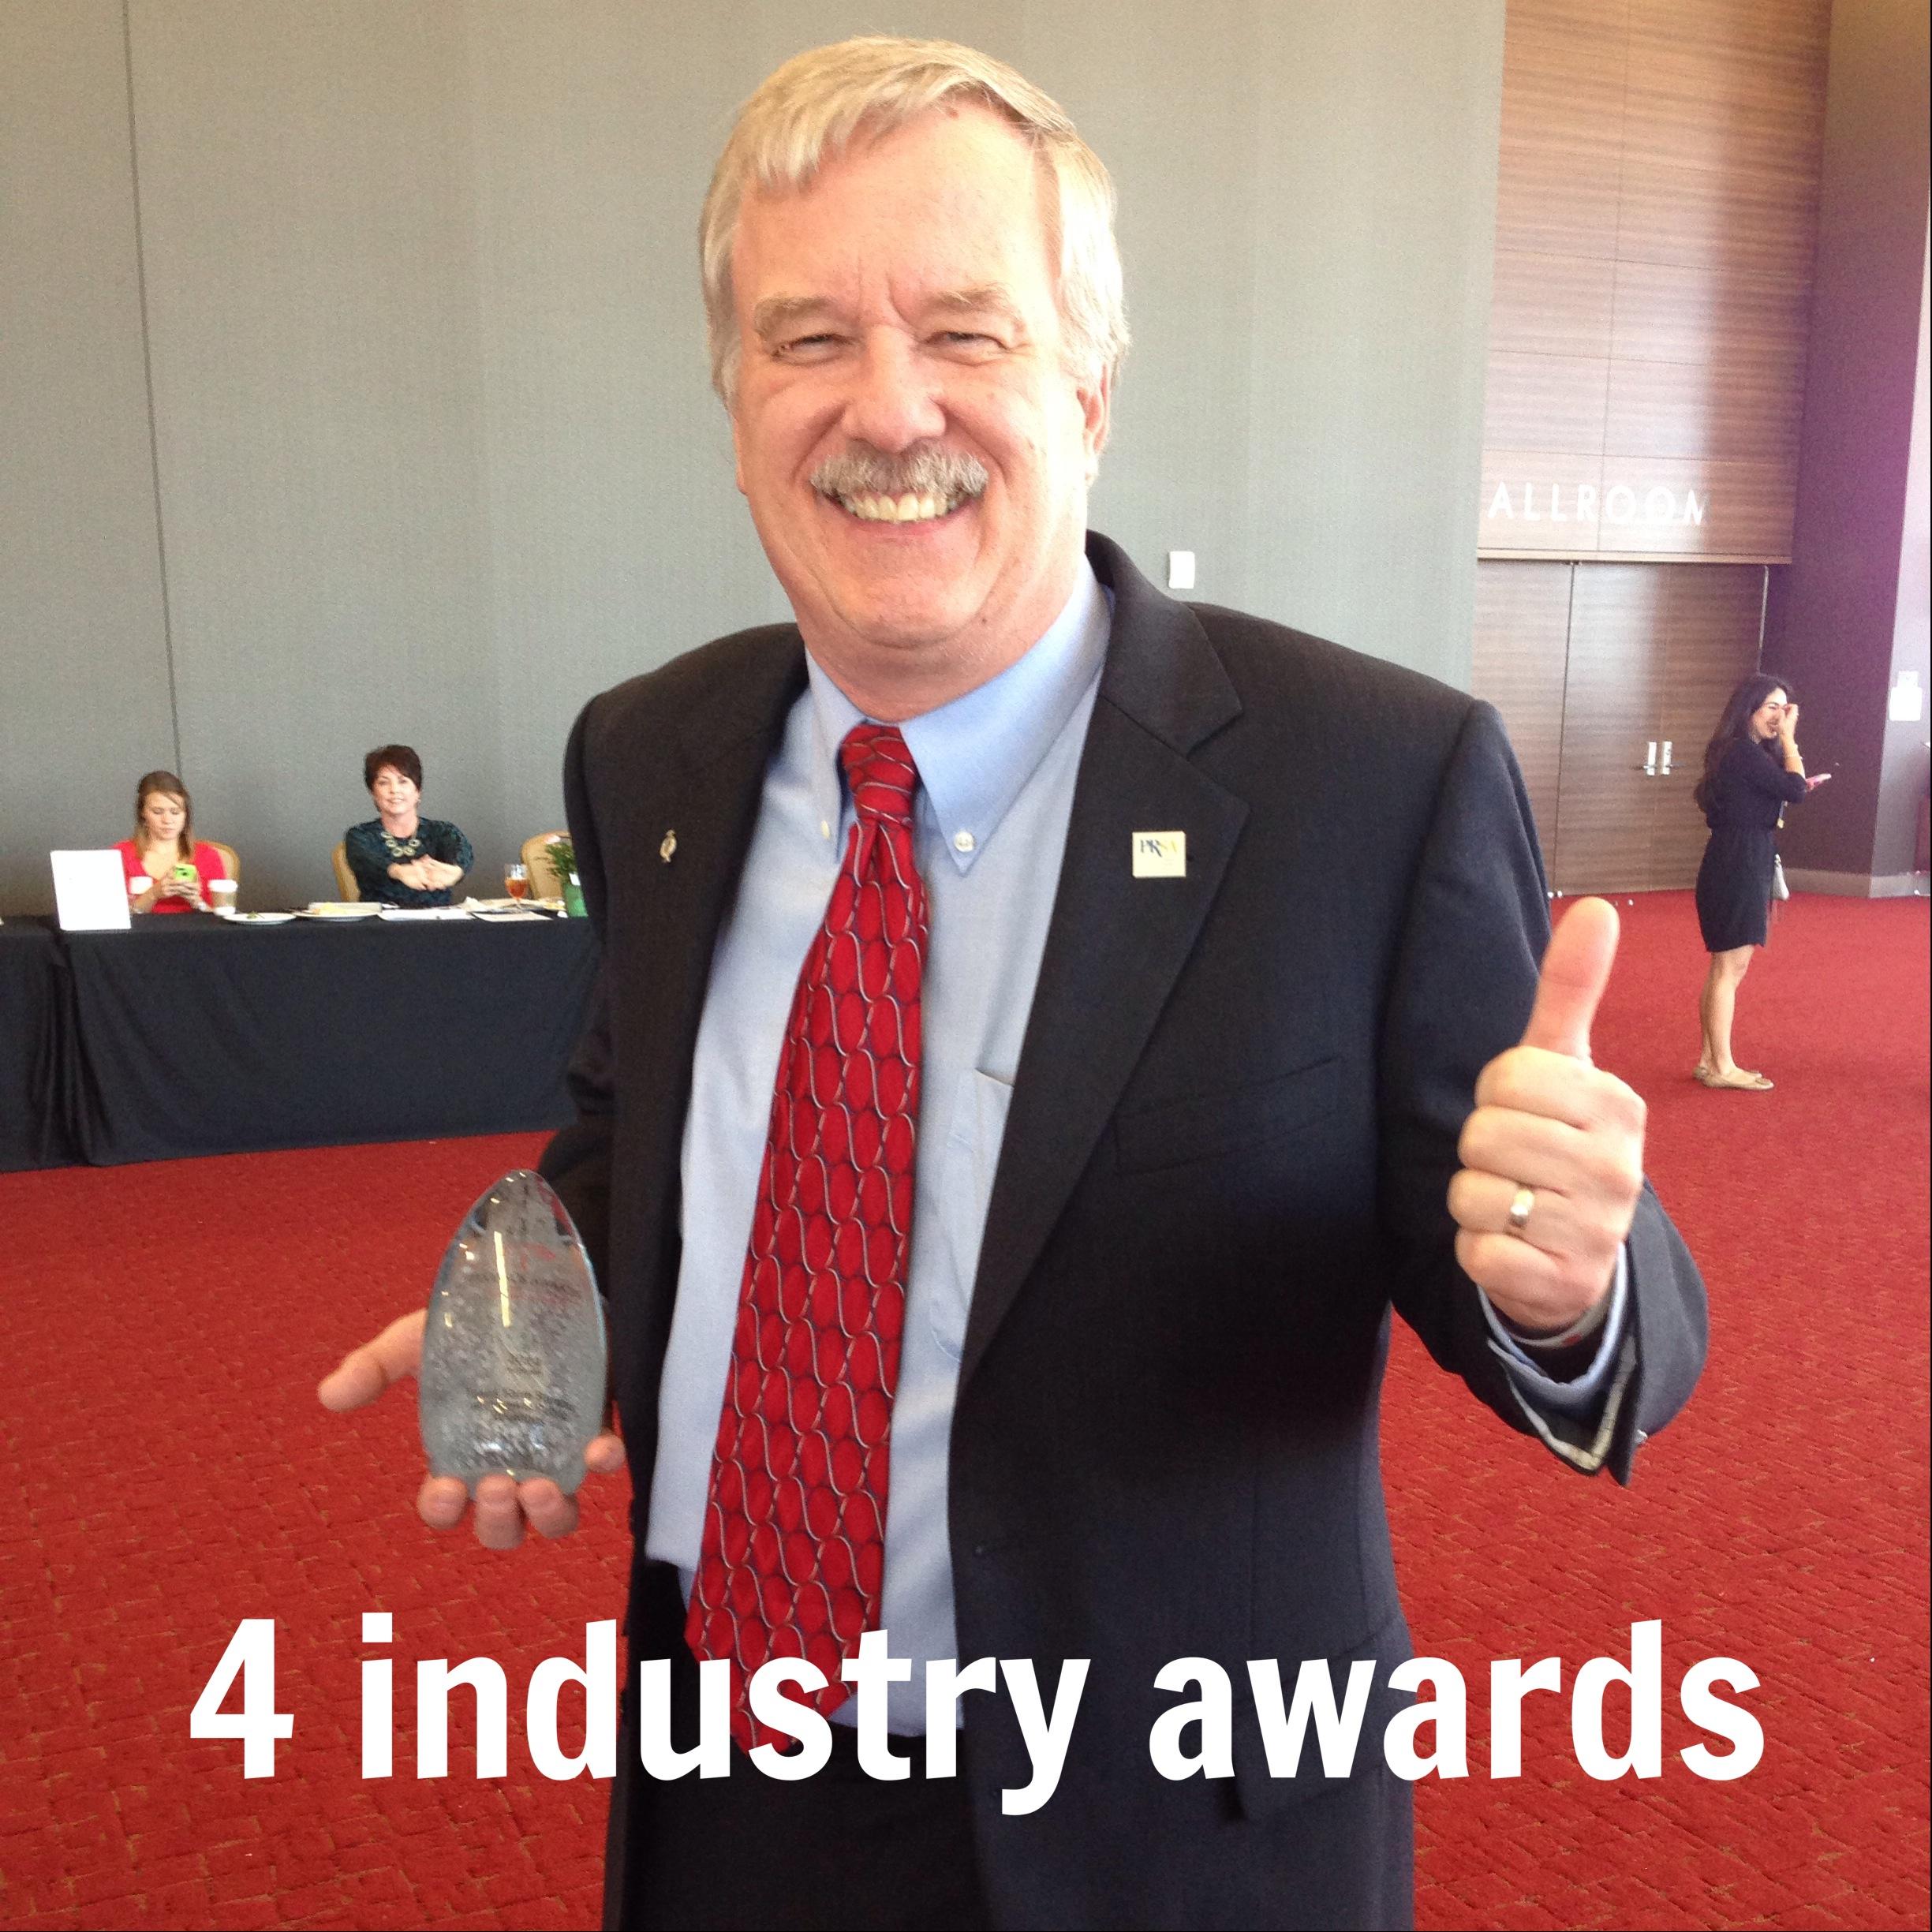 LPR Wins PR Awards